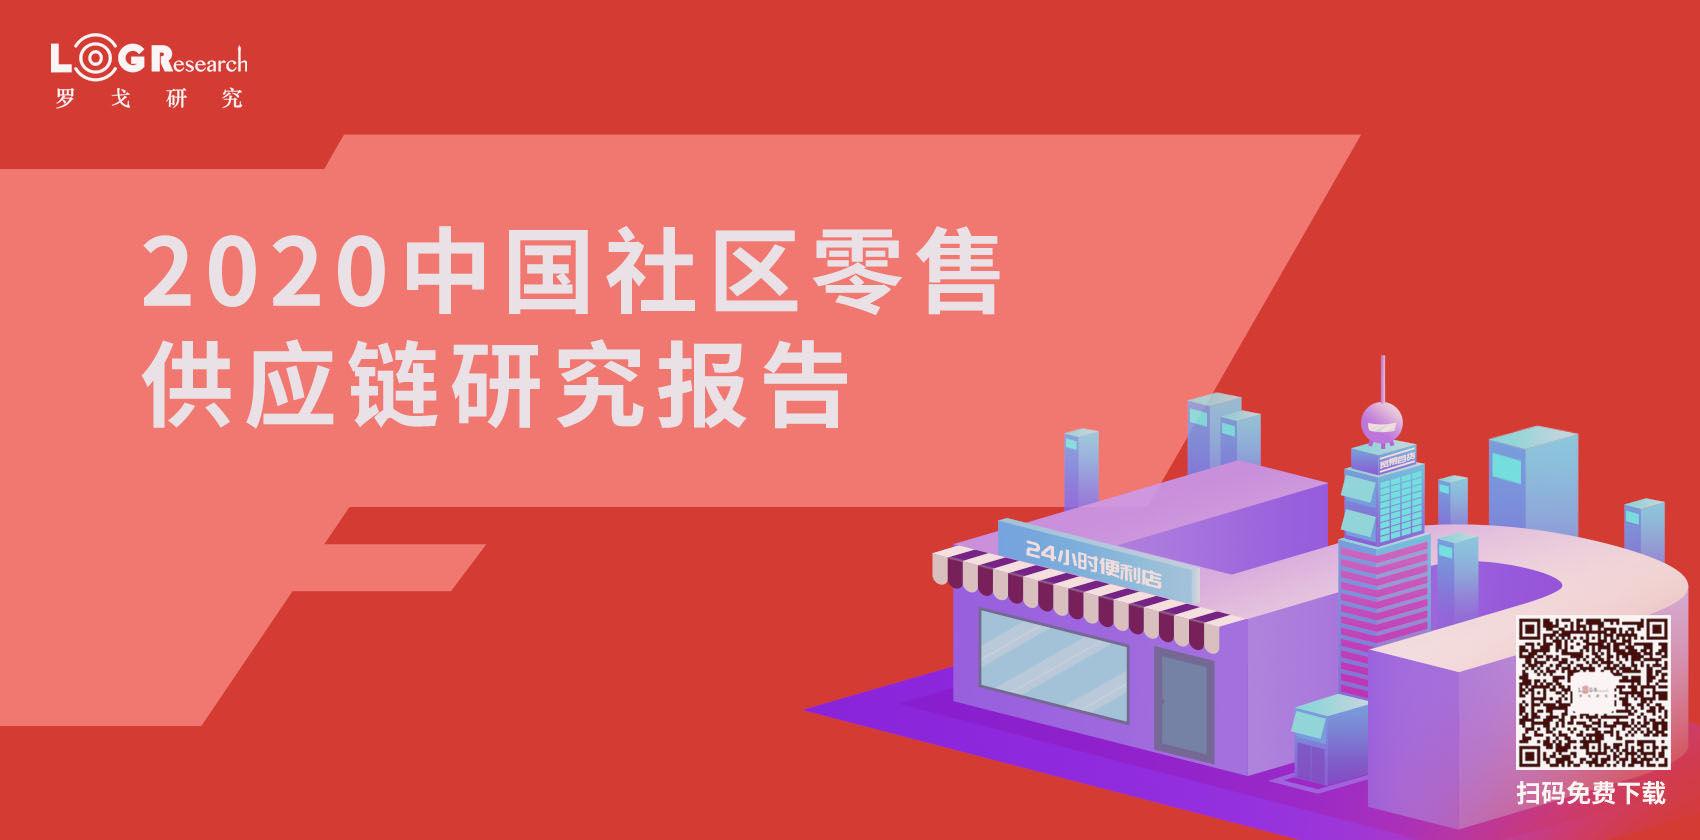 2020中国社区零售供应链研究报告